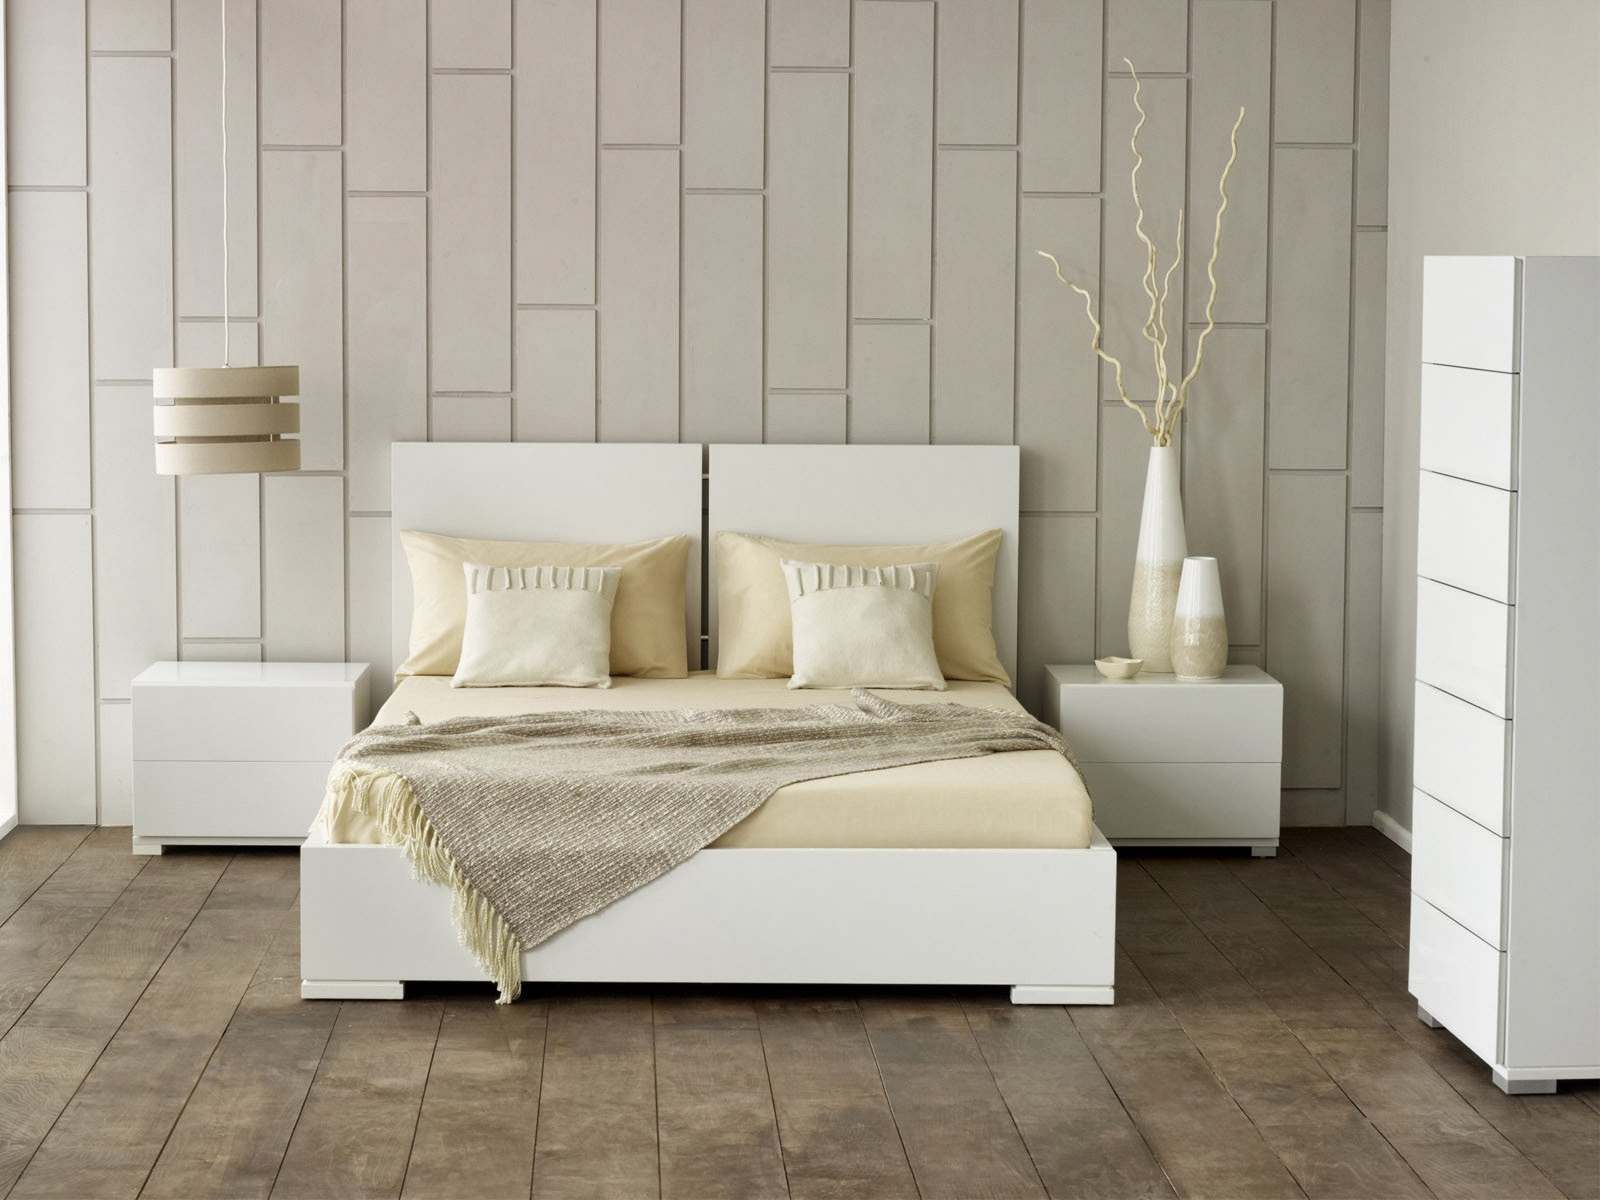 3d Wallpaper For Master Bedroom Wallpaper For Bedrooms Beautiful Desktop Wallpapers 2014